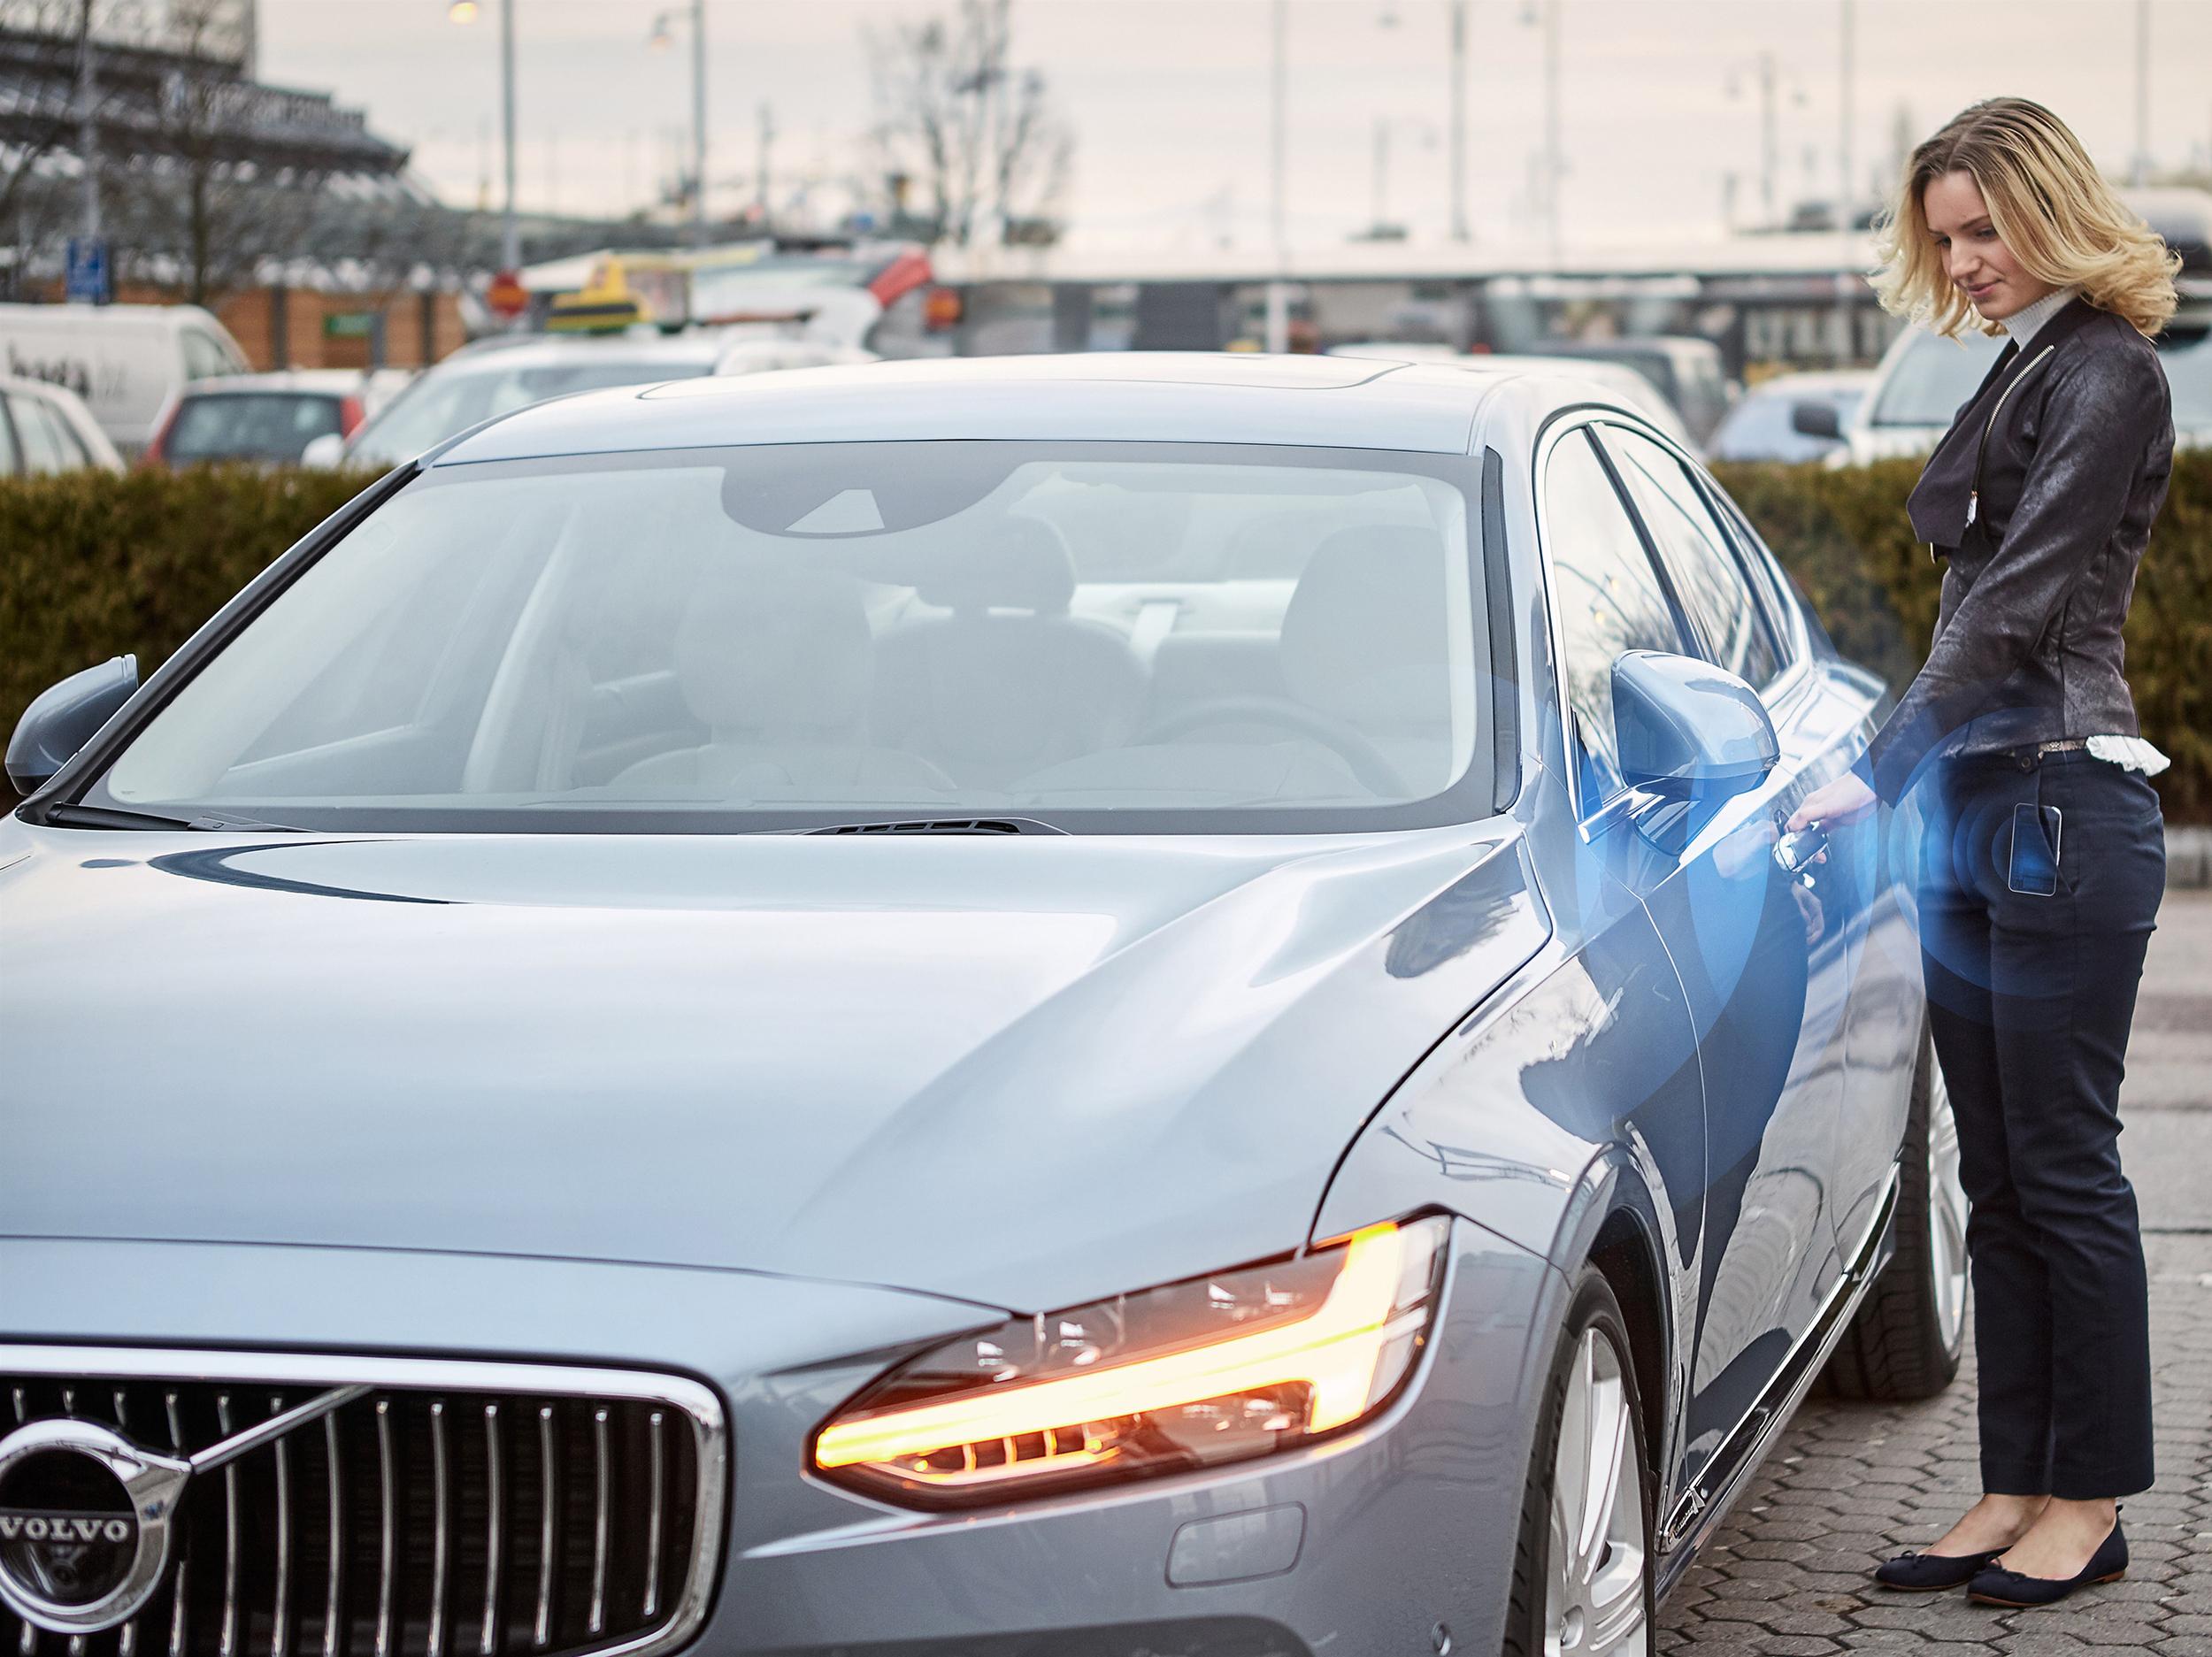 175633_Volvo_Cars_digital_key.jpg